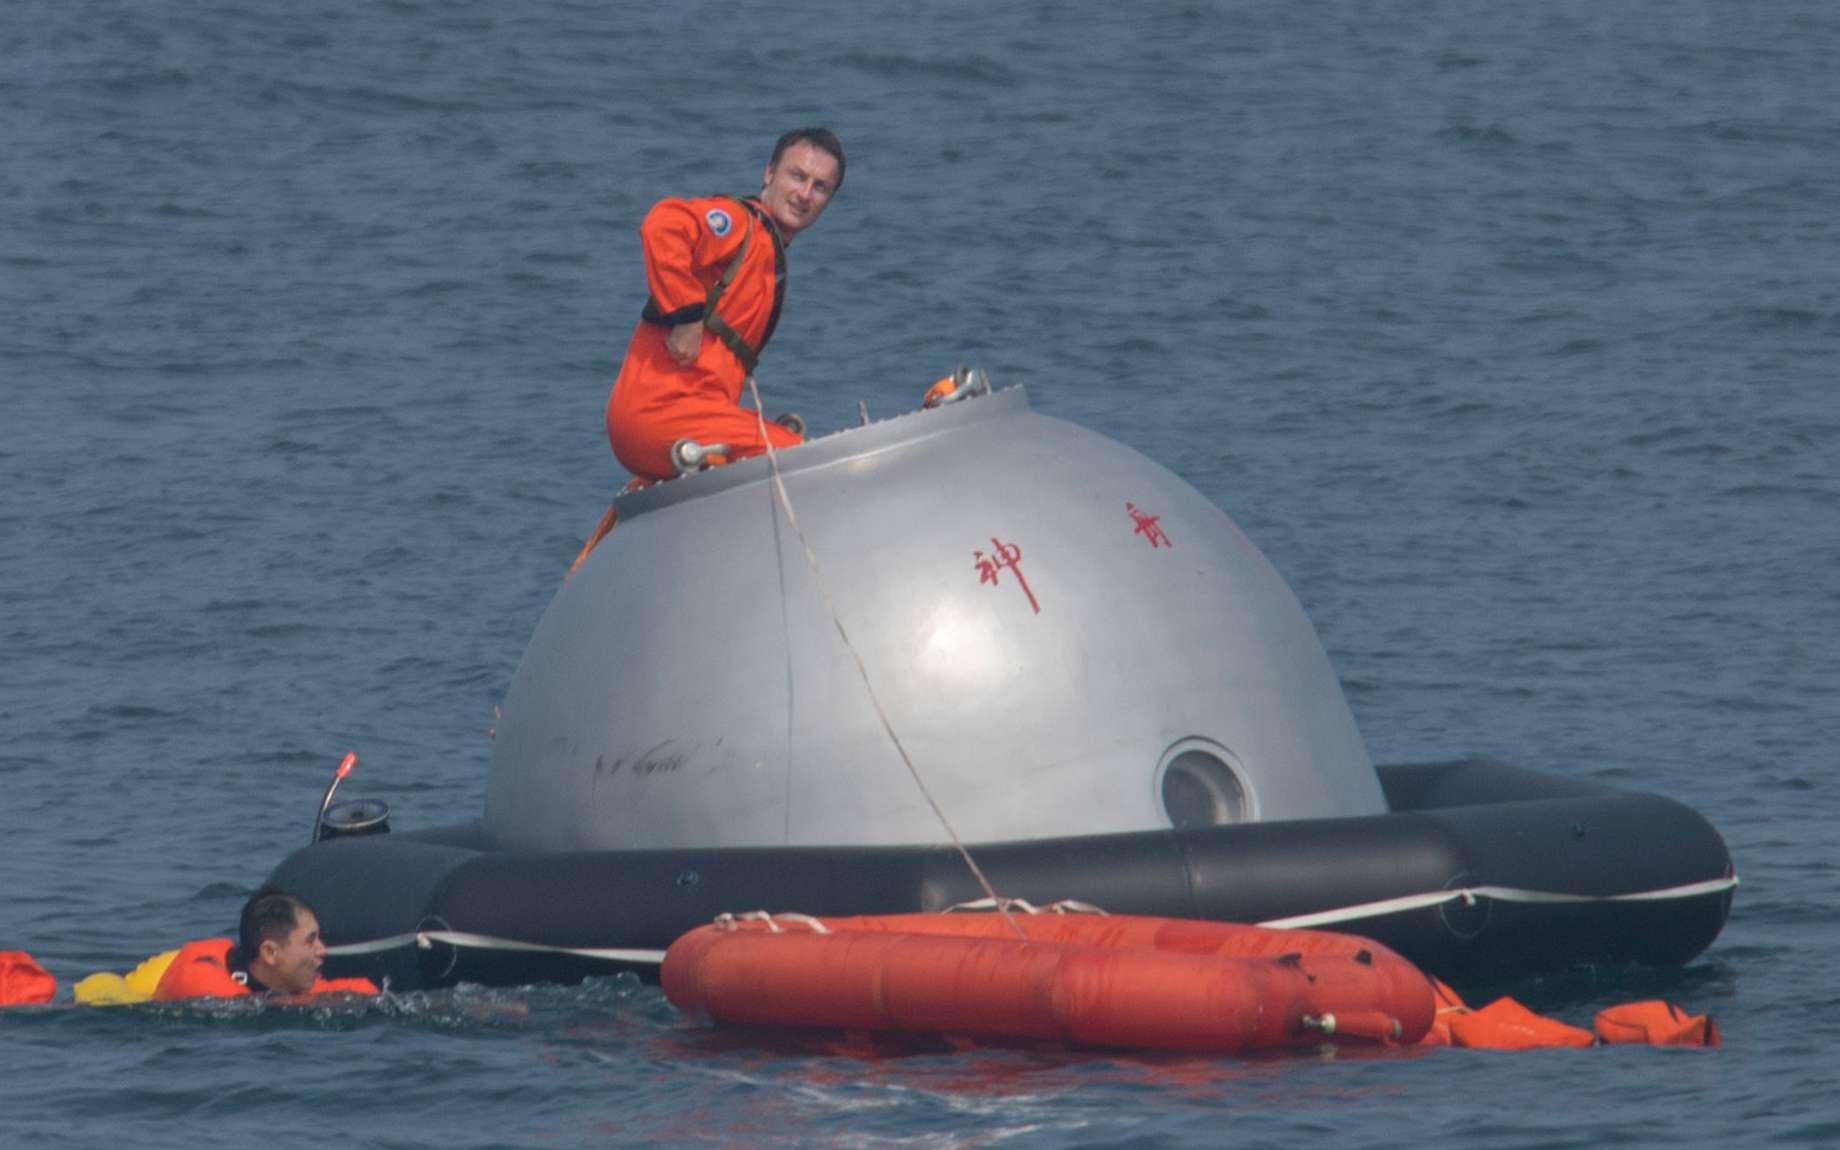 Des astronautes européens s'entraînent pour voler à bord de la station spatiale chinoise. Photo prise lors d'un stage de survie en pleine mer de Chine : Matthias Maurer doit apprendre à sortir d'une capsule de retour d'orbite après un amerrissage non prévu. © S. Corvaja, ESA